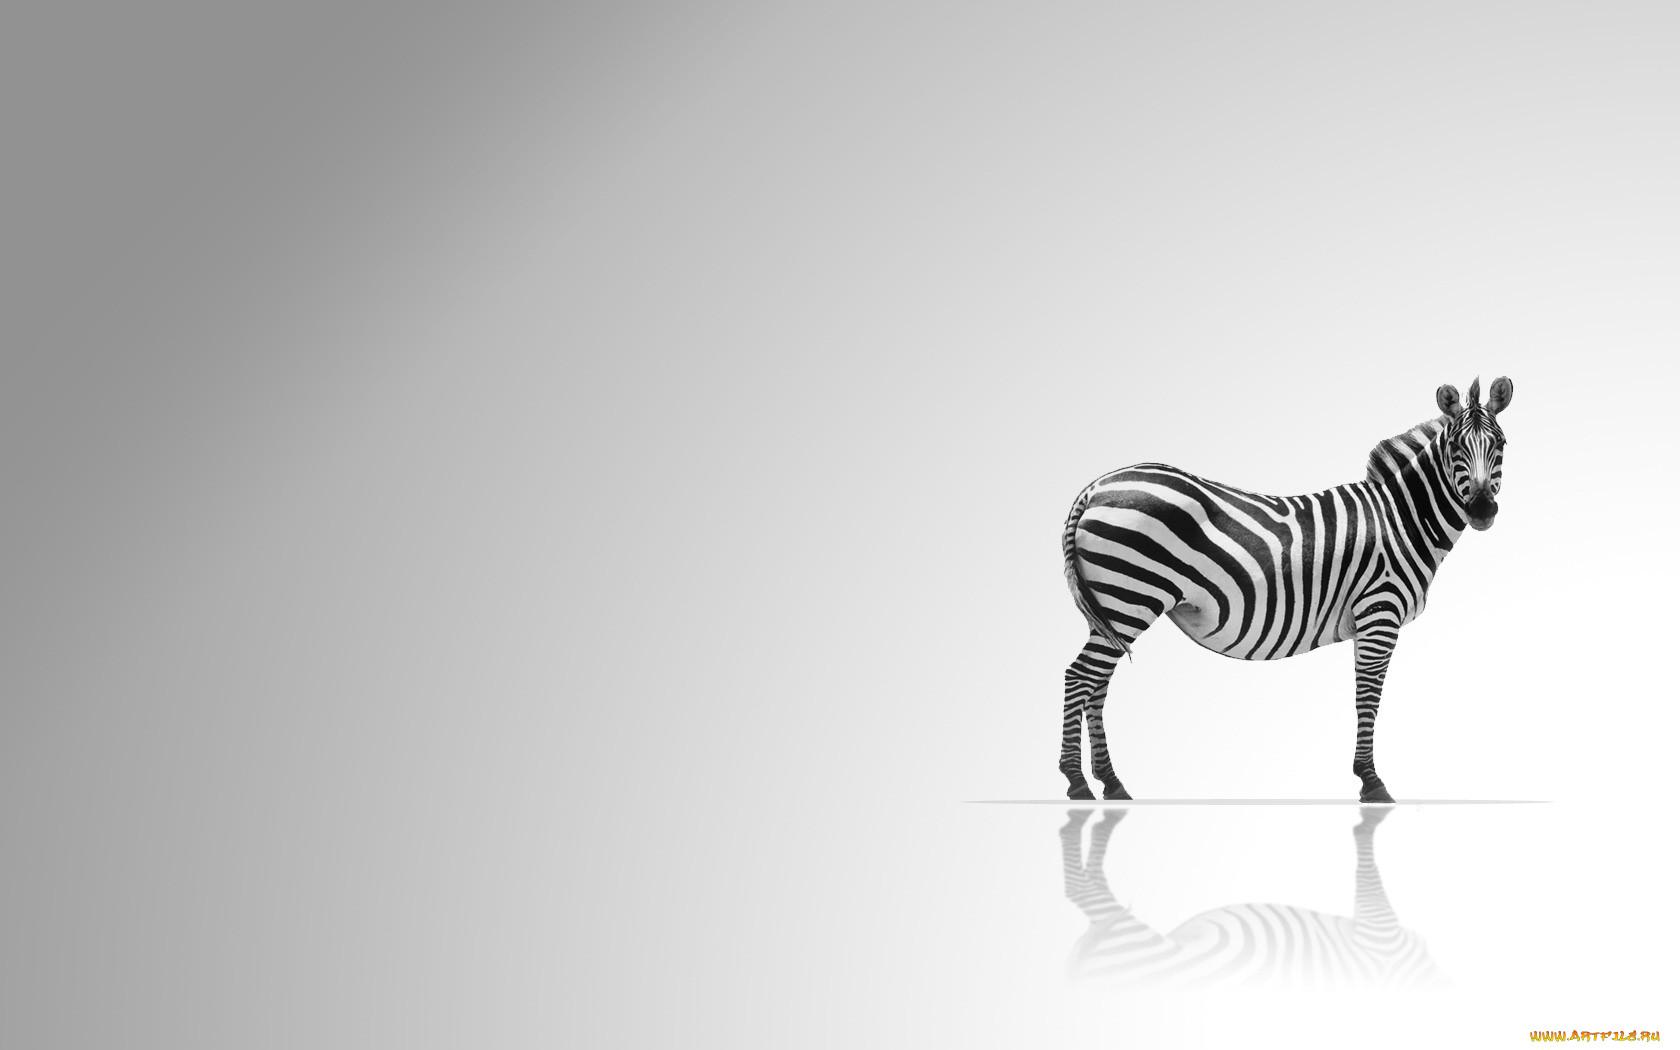 Обои из зебра обои картинка